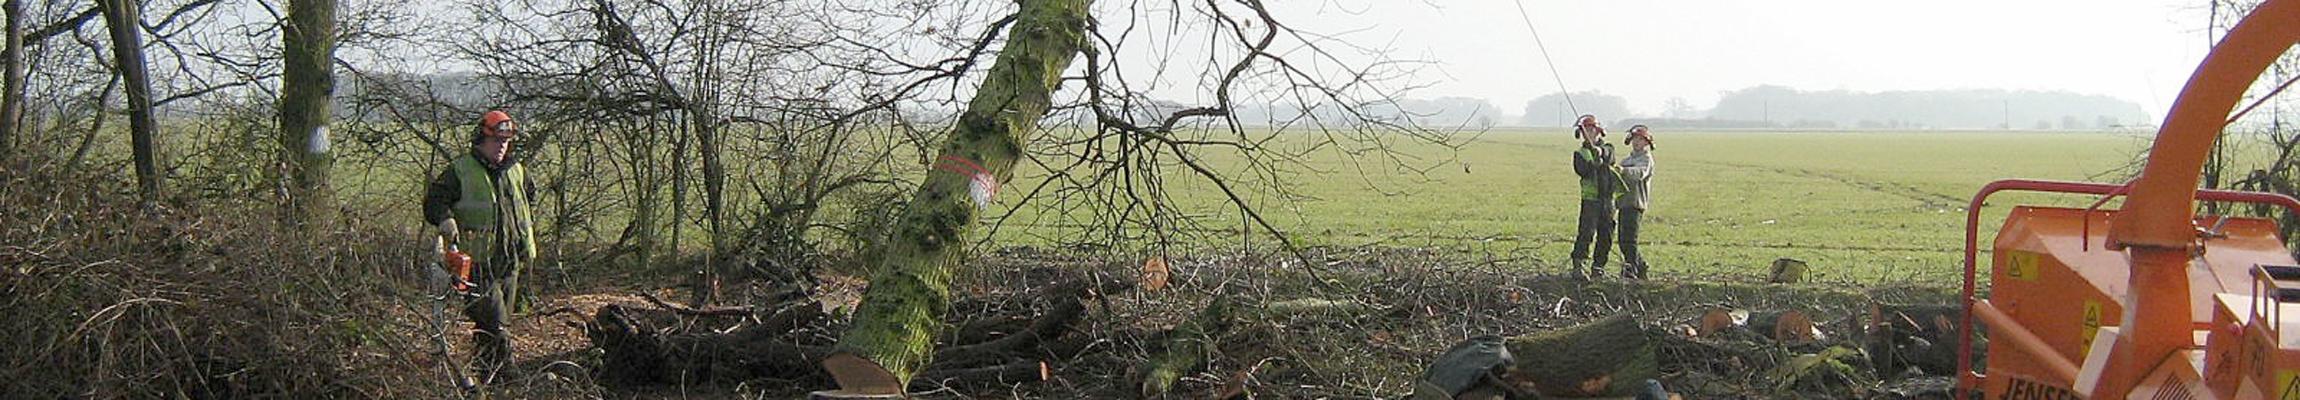 Tree Felling1